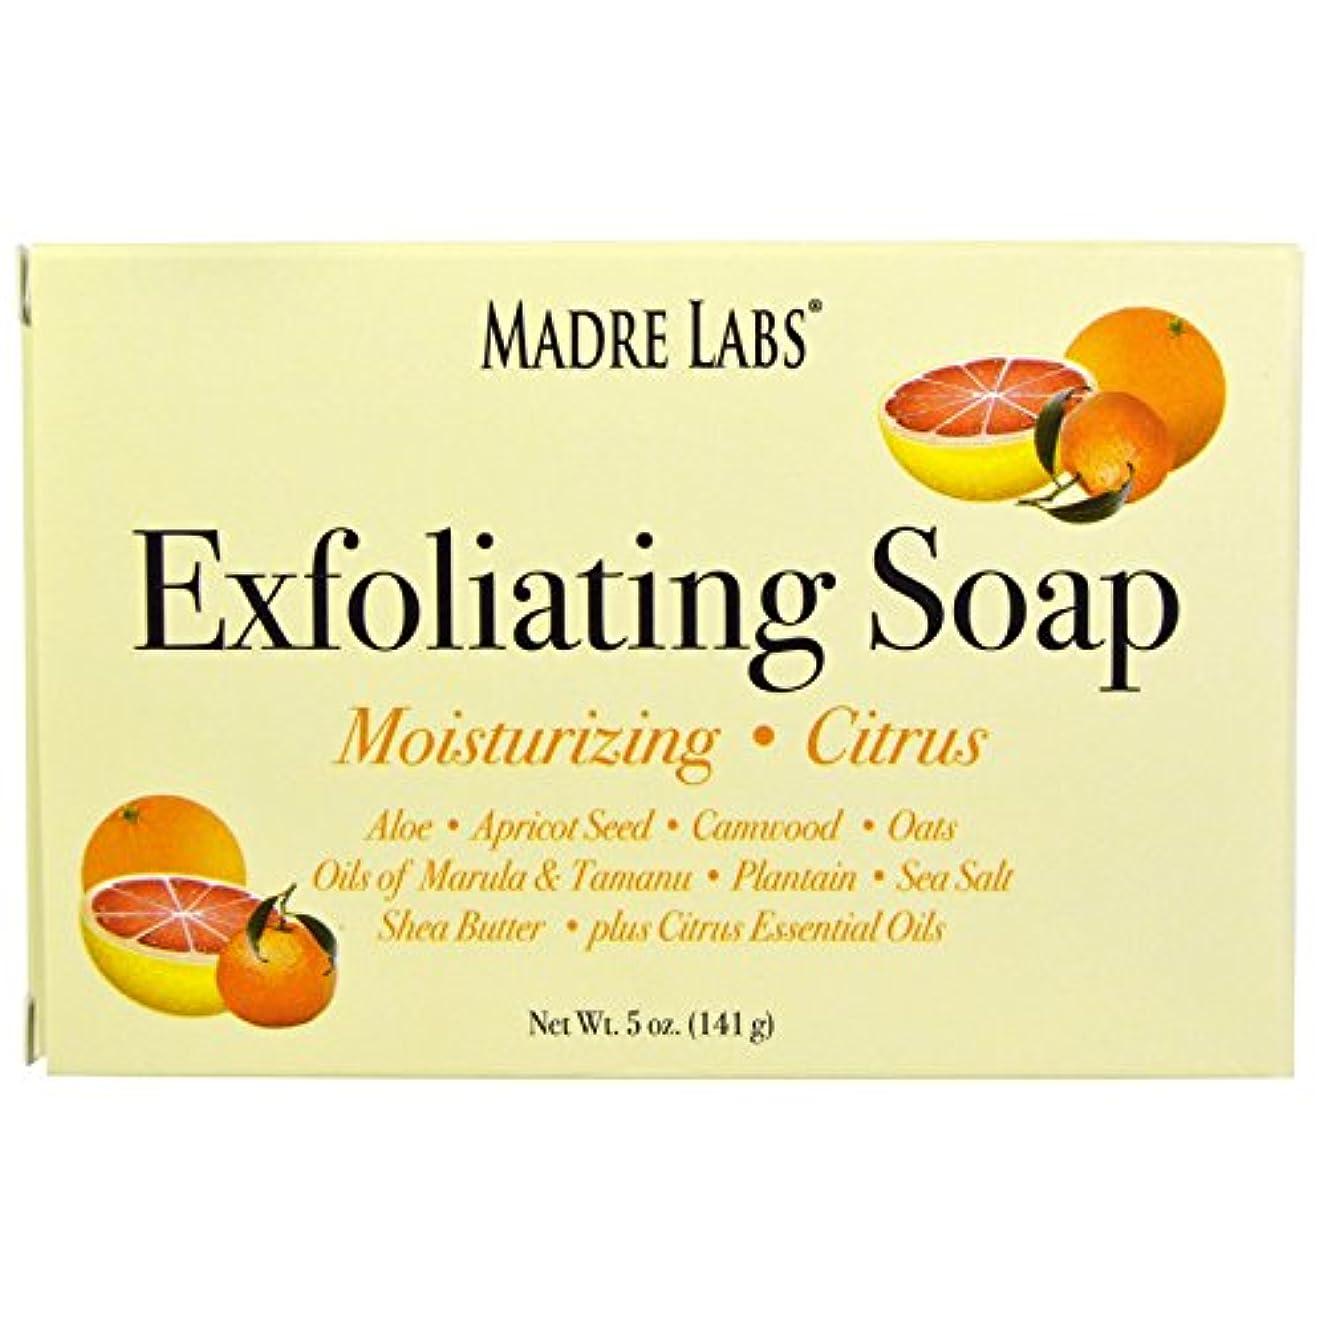 ローブ美容師リボンマドレラブ シアバター入り石鹸 柑橘フレーバー Madre Labs Exfoliating Soap Bar with Marula & Tamanu Oils plus Shea Butter